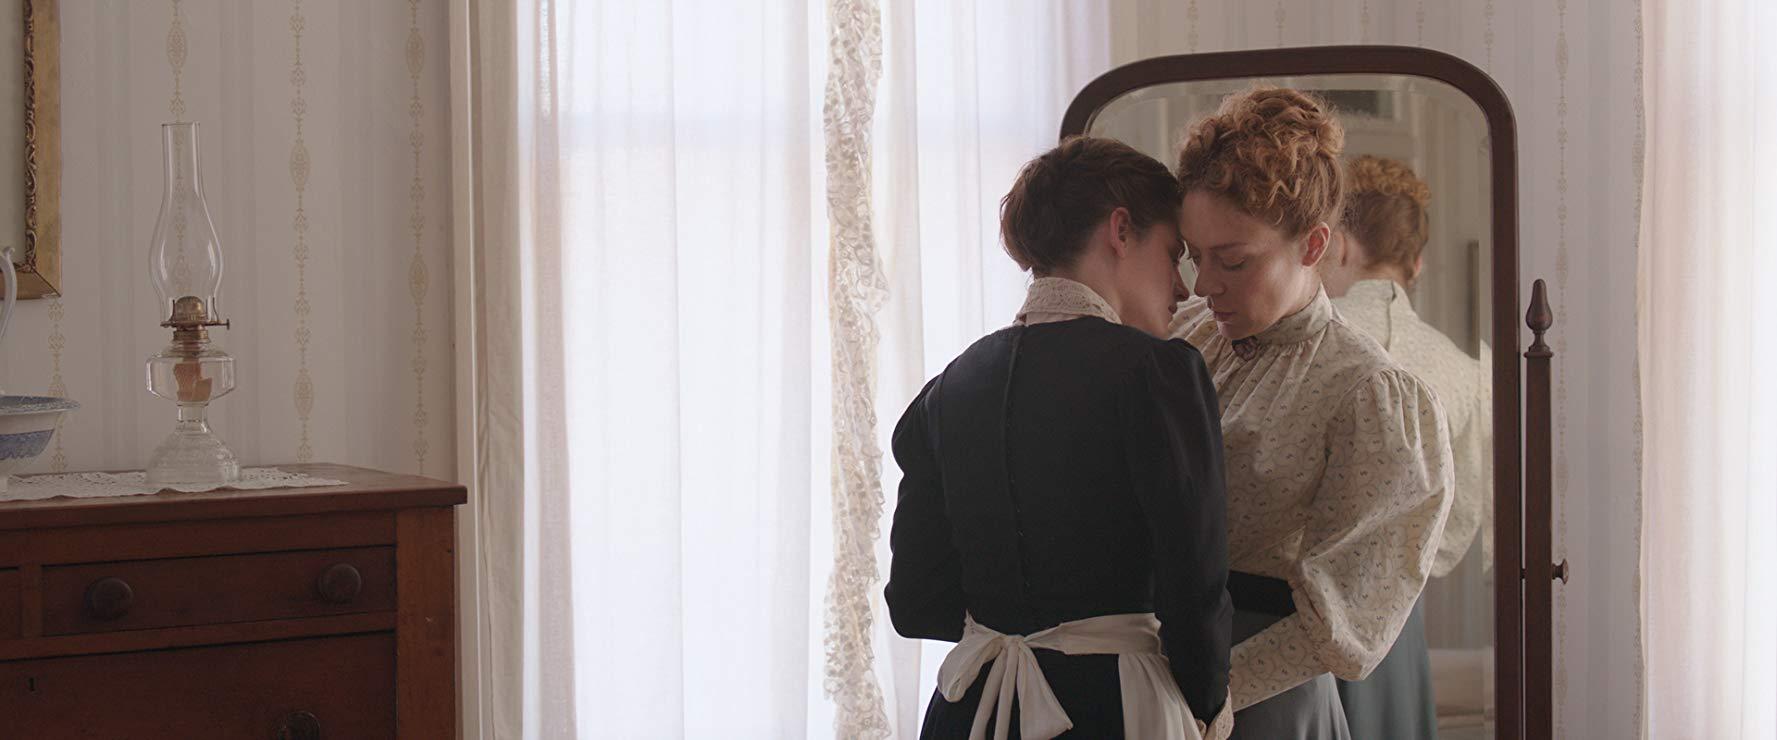 Chloe Sevigny et Kristen Stewart